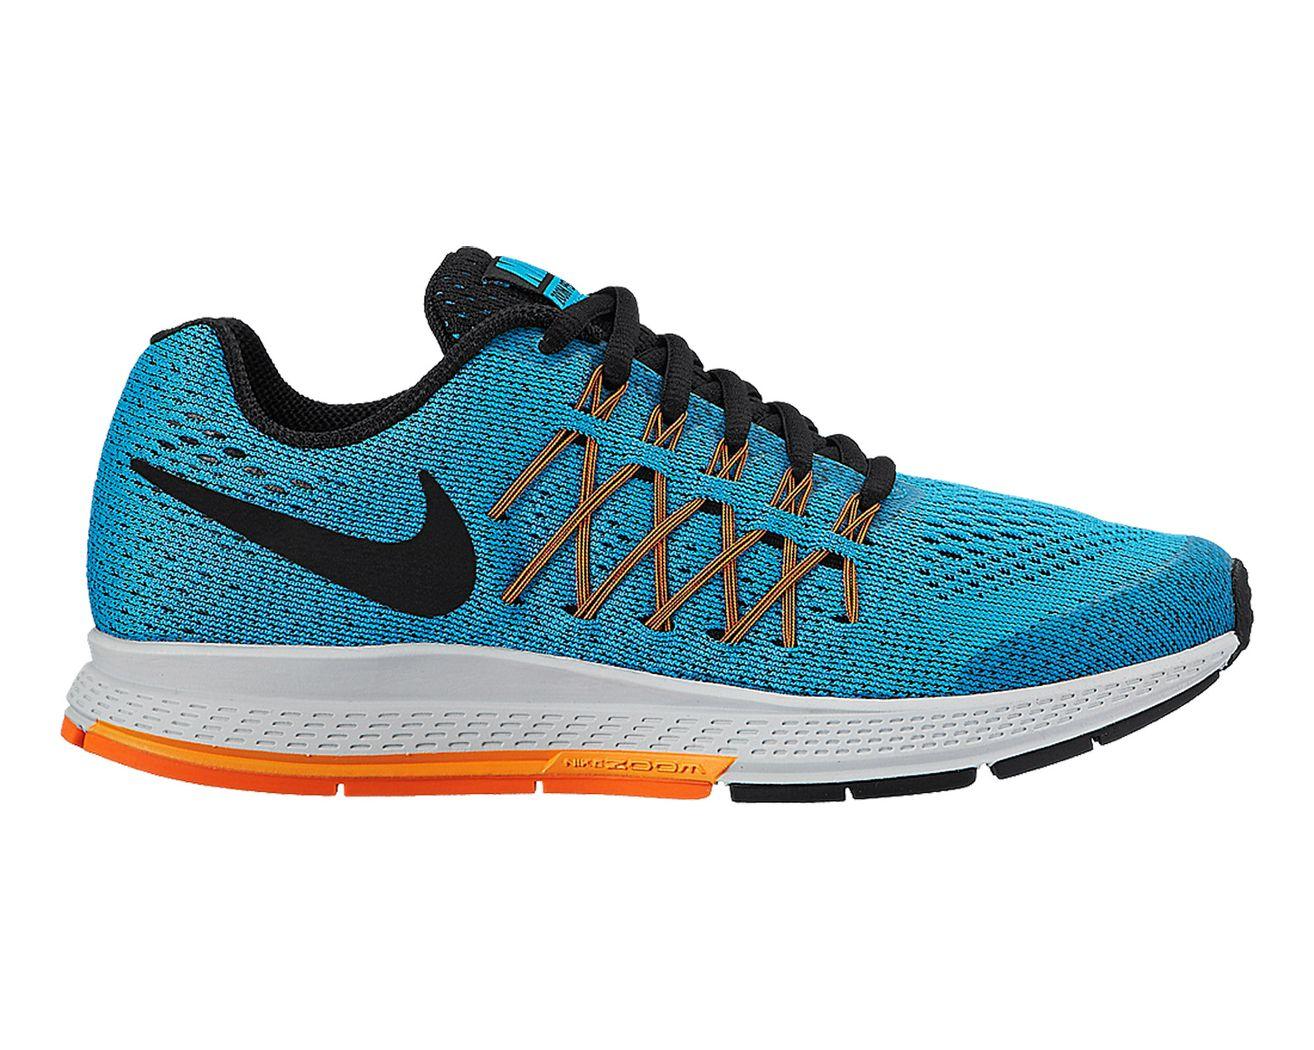 9bb838a6410a0 Nike - Fleet Feet West Lafayette